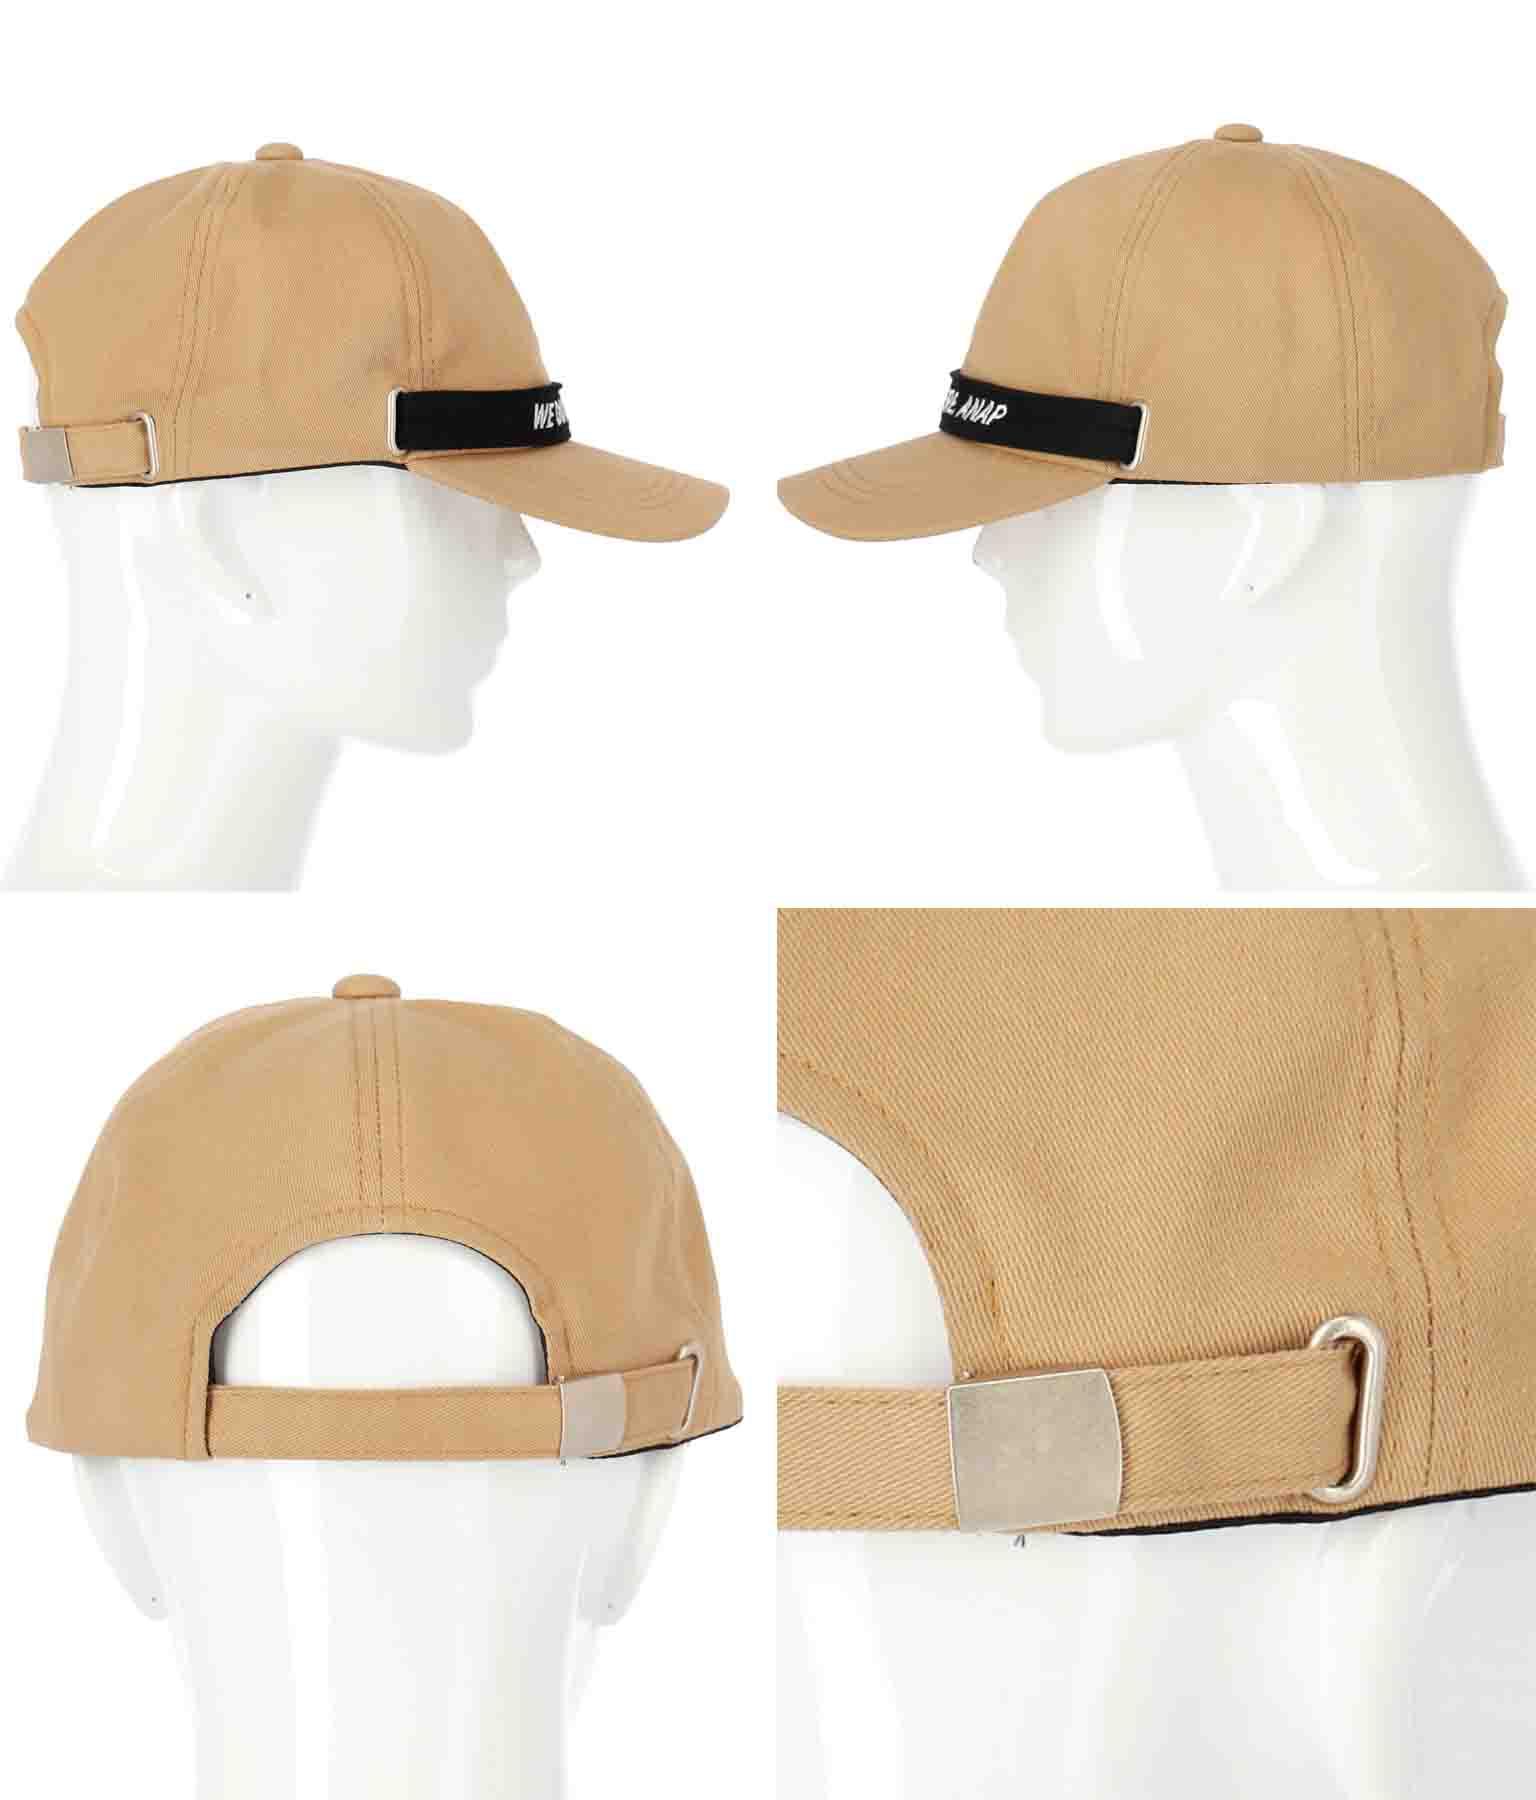 ラインロゴキャップ(ファッション雑貨/ハット・キャップ・ニット帽 ・キャスケット・ベレー帽) | ANAP KIDS